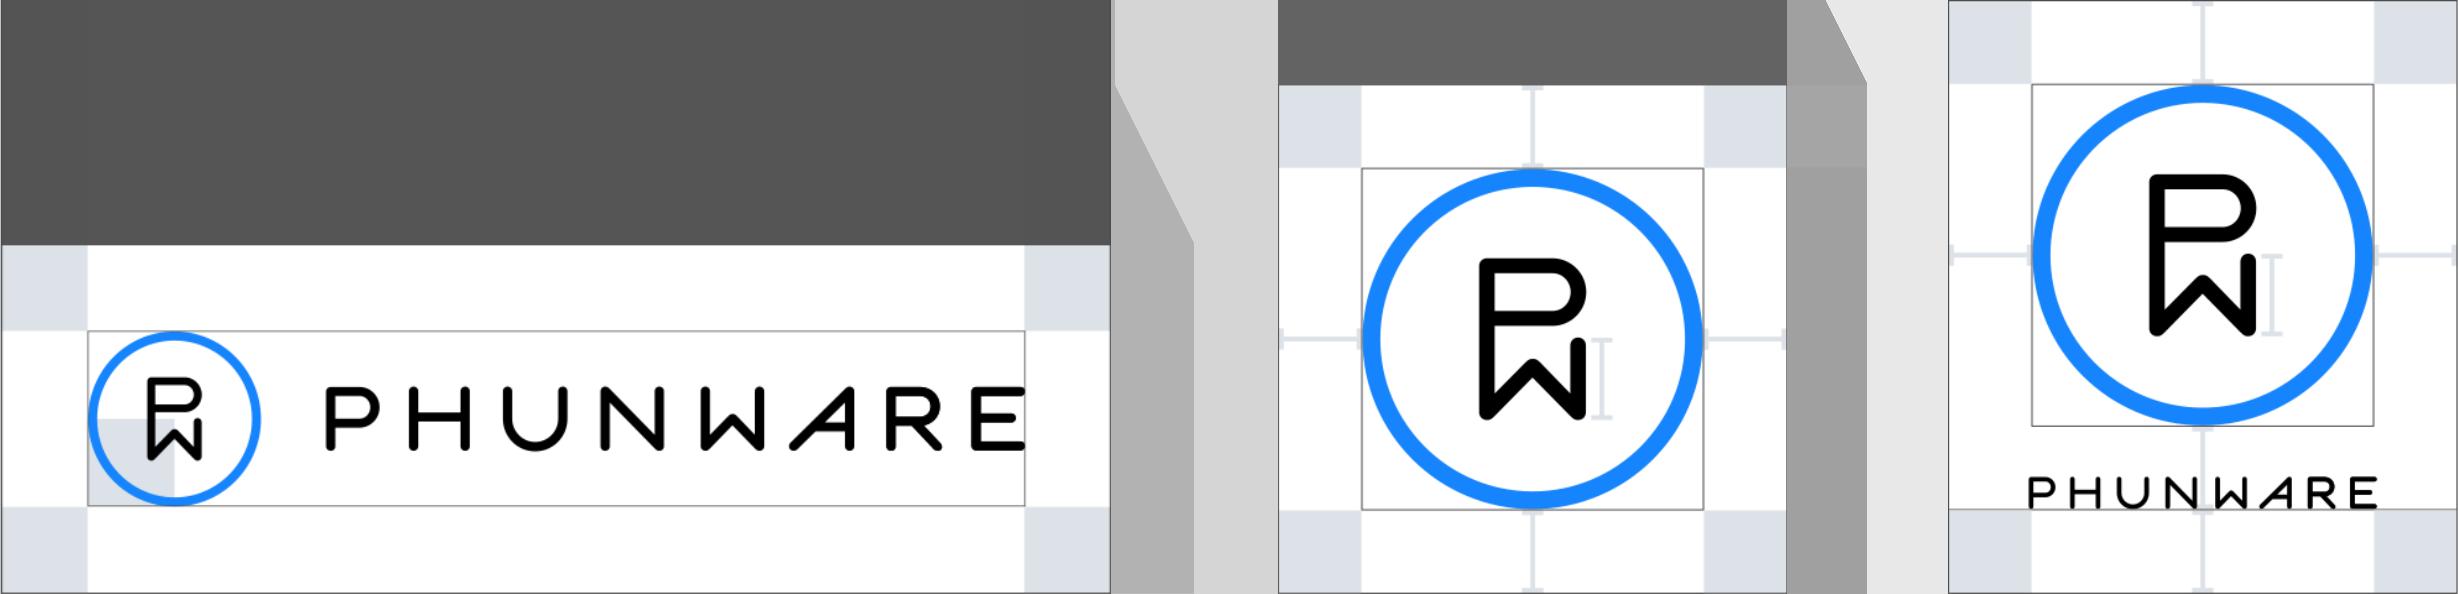 pw-logo-kit-exclusion-zone